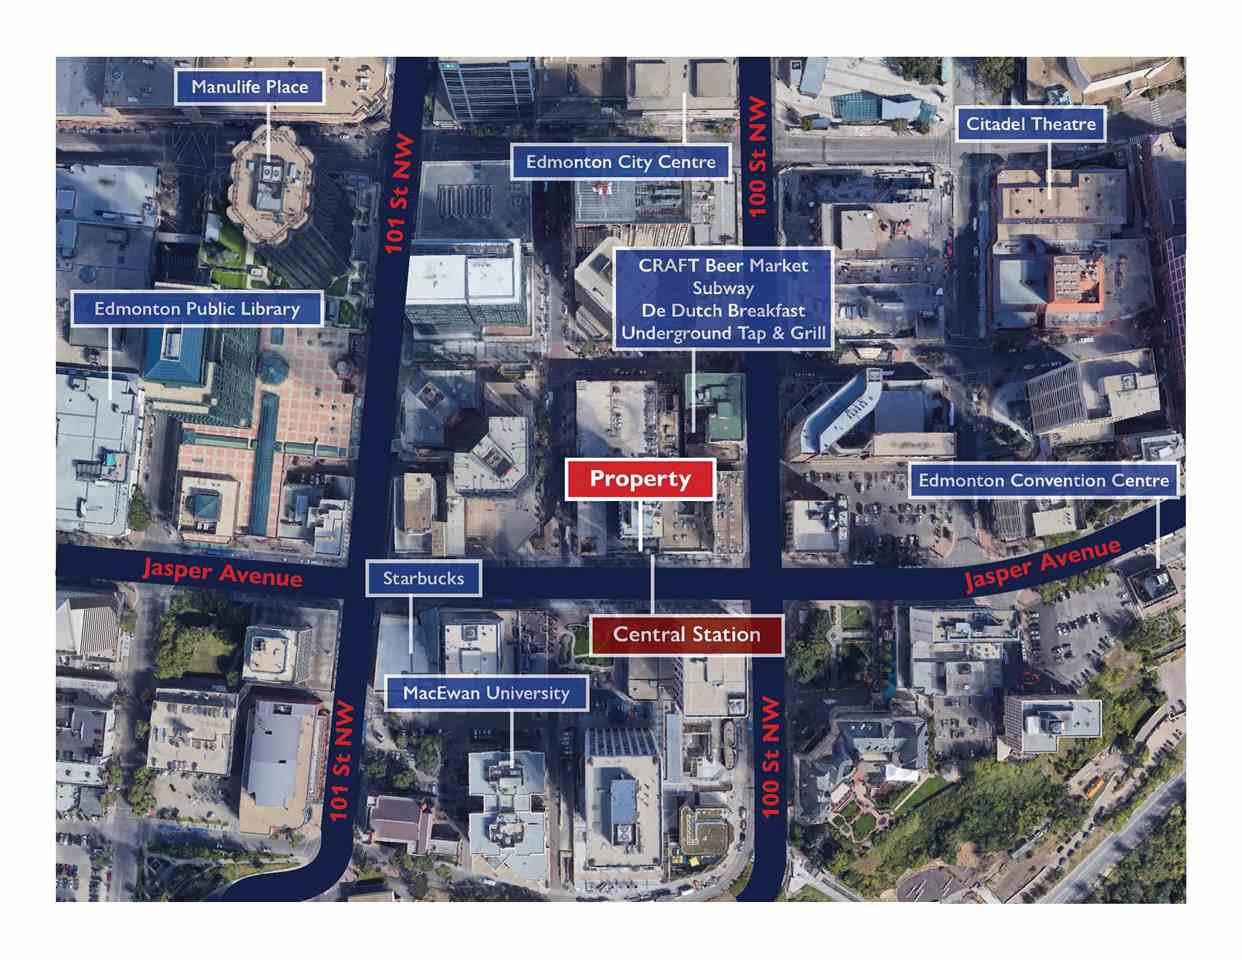 Main Photo: 10020 Jasper Avenue Avenue NW in Edmonton: Zone 12 Retail for sale : MLS®# E4202834